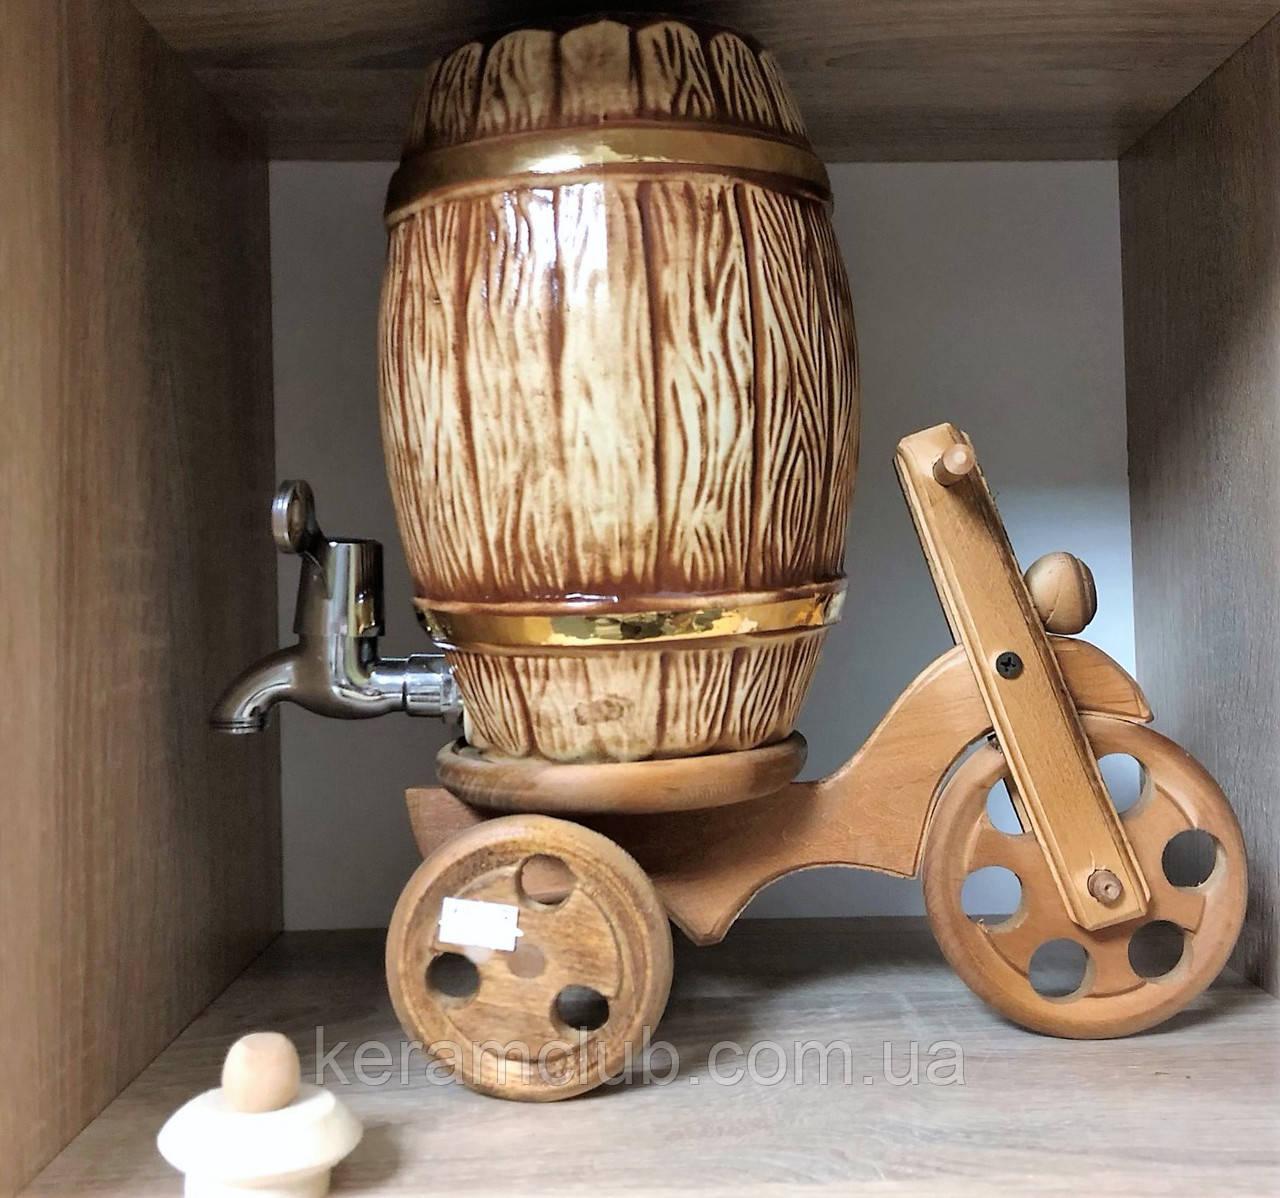 Керамический бочонок велосипед